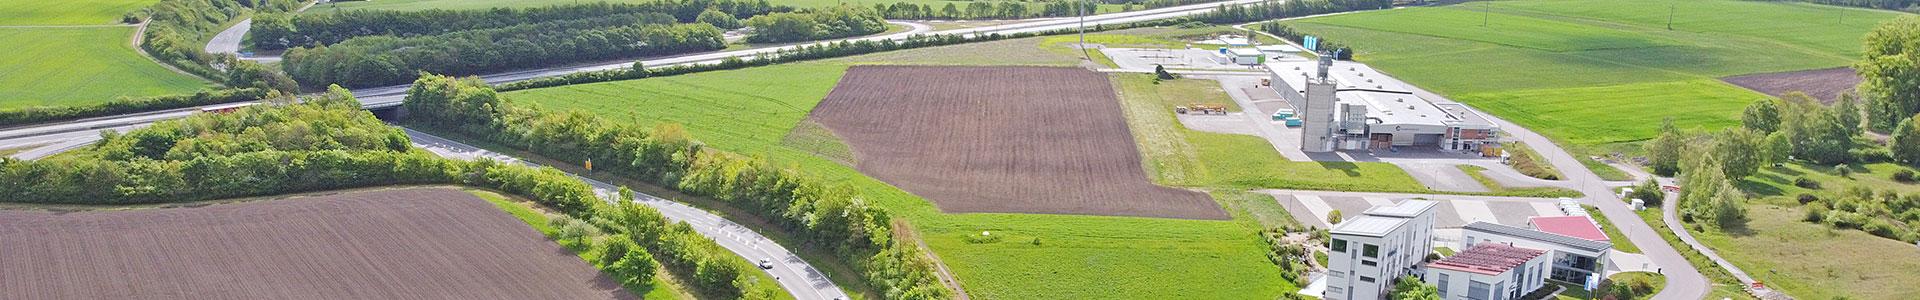 Luftbild des Gewerbeparks Rothenburg und Umland mit Anbindung an die Autobahn A7